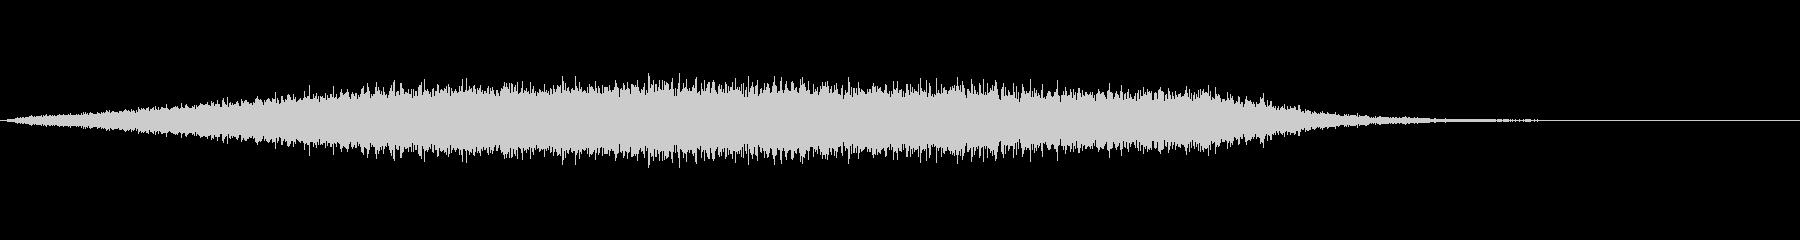 キラキラ音の未再生の波形